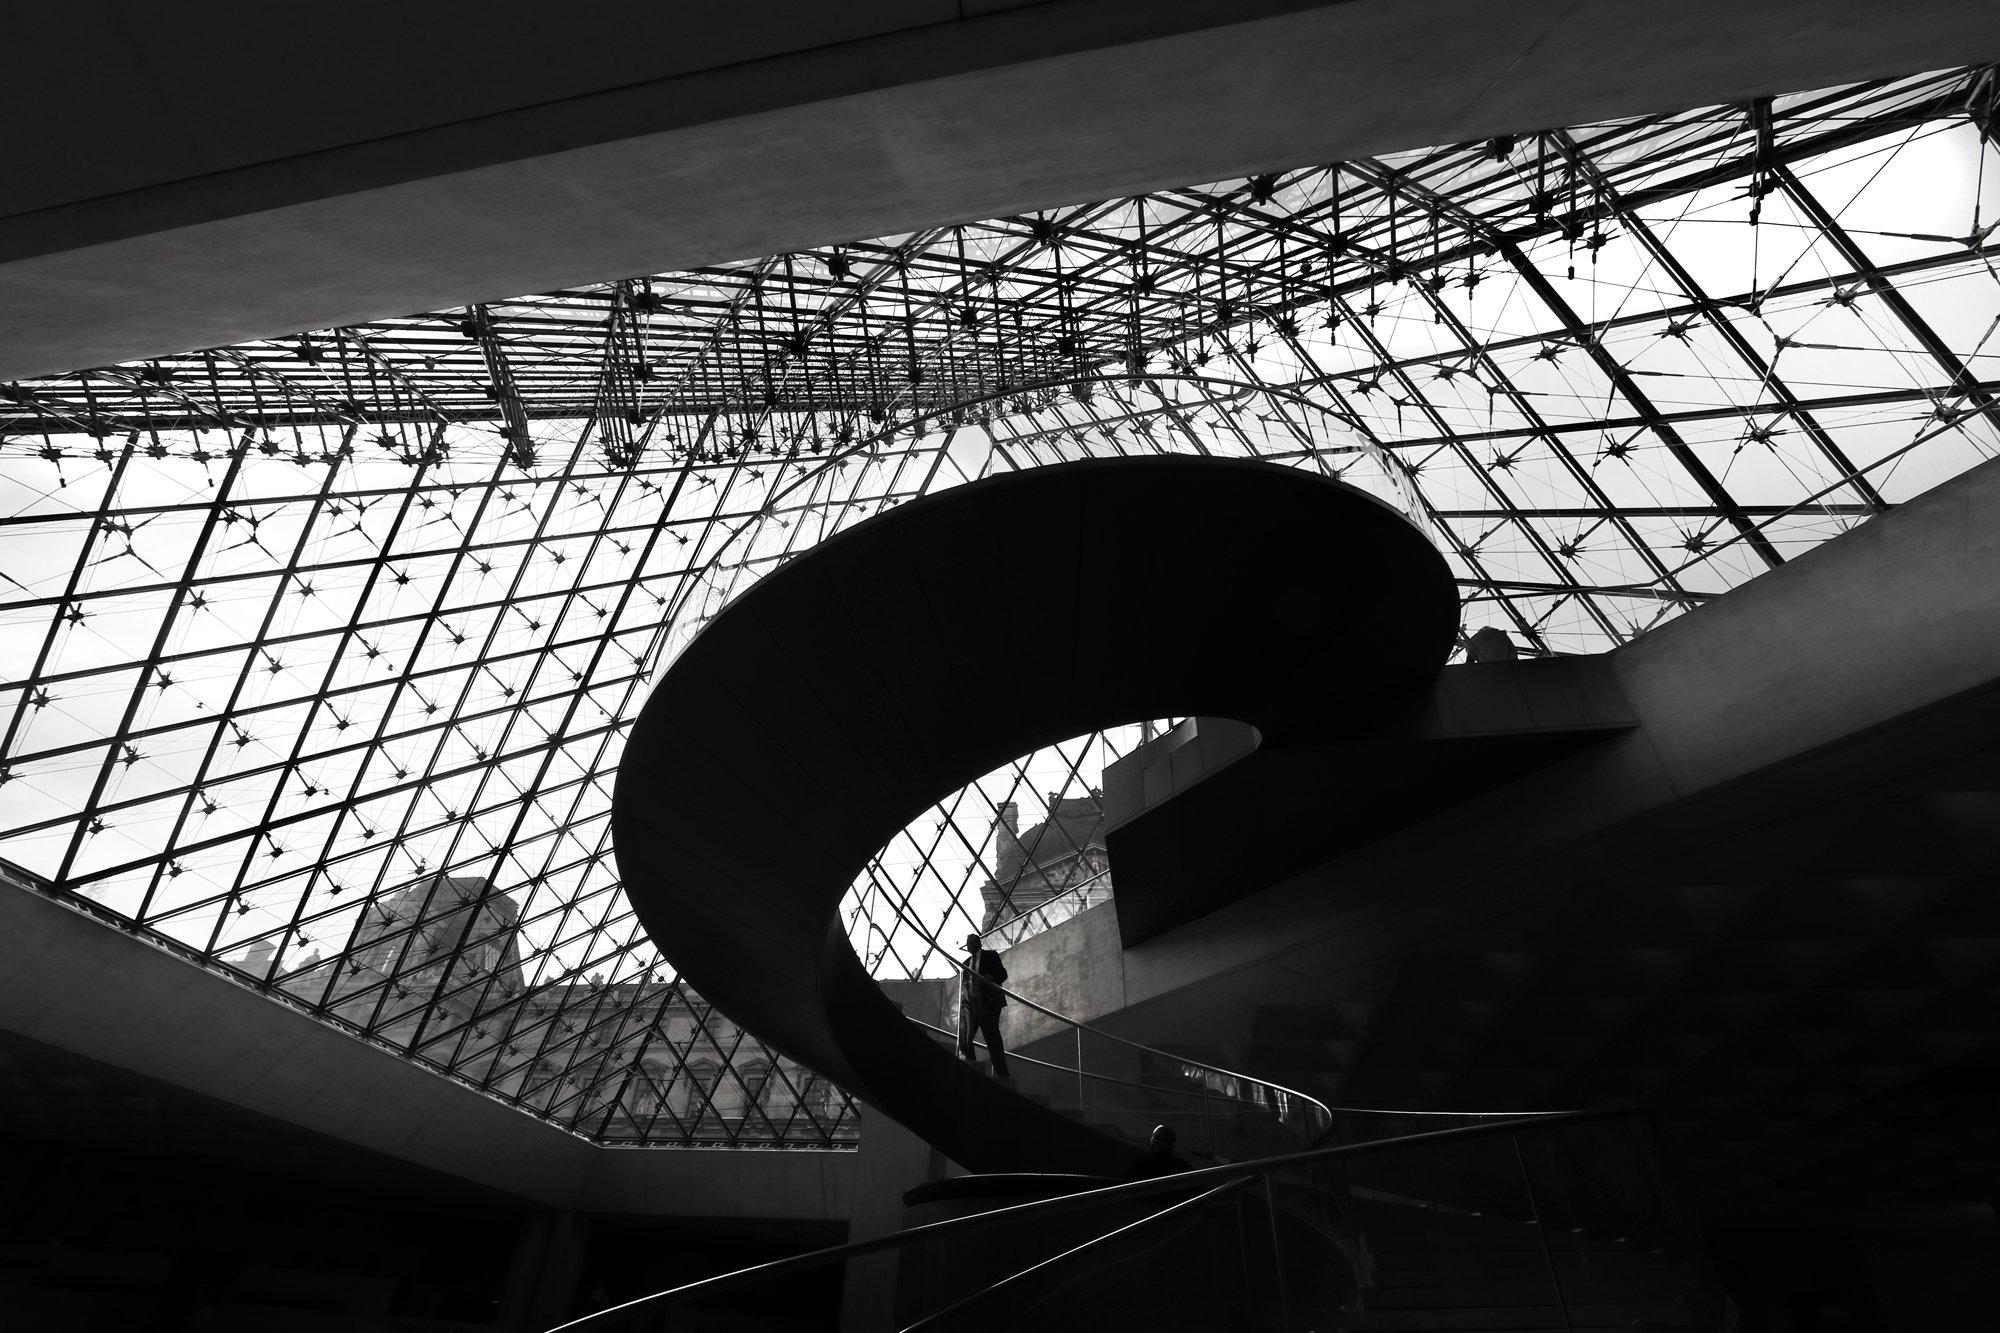 museum, pyramid, louvre, paris, luis lobo henriques, architecture, Lobo Henriques Luis